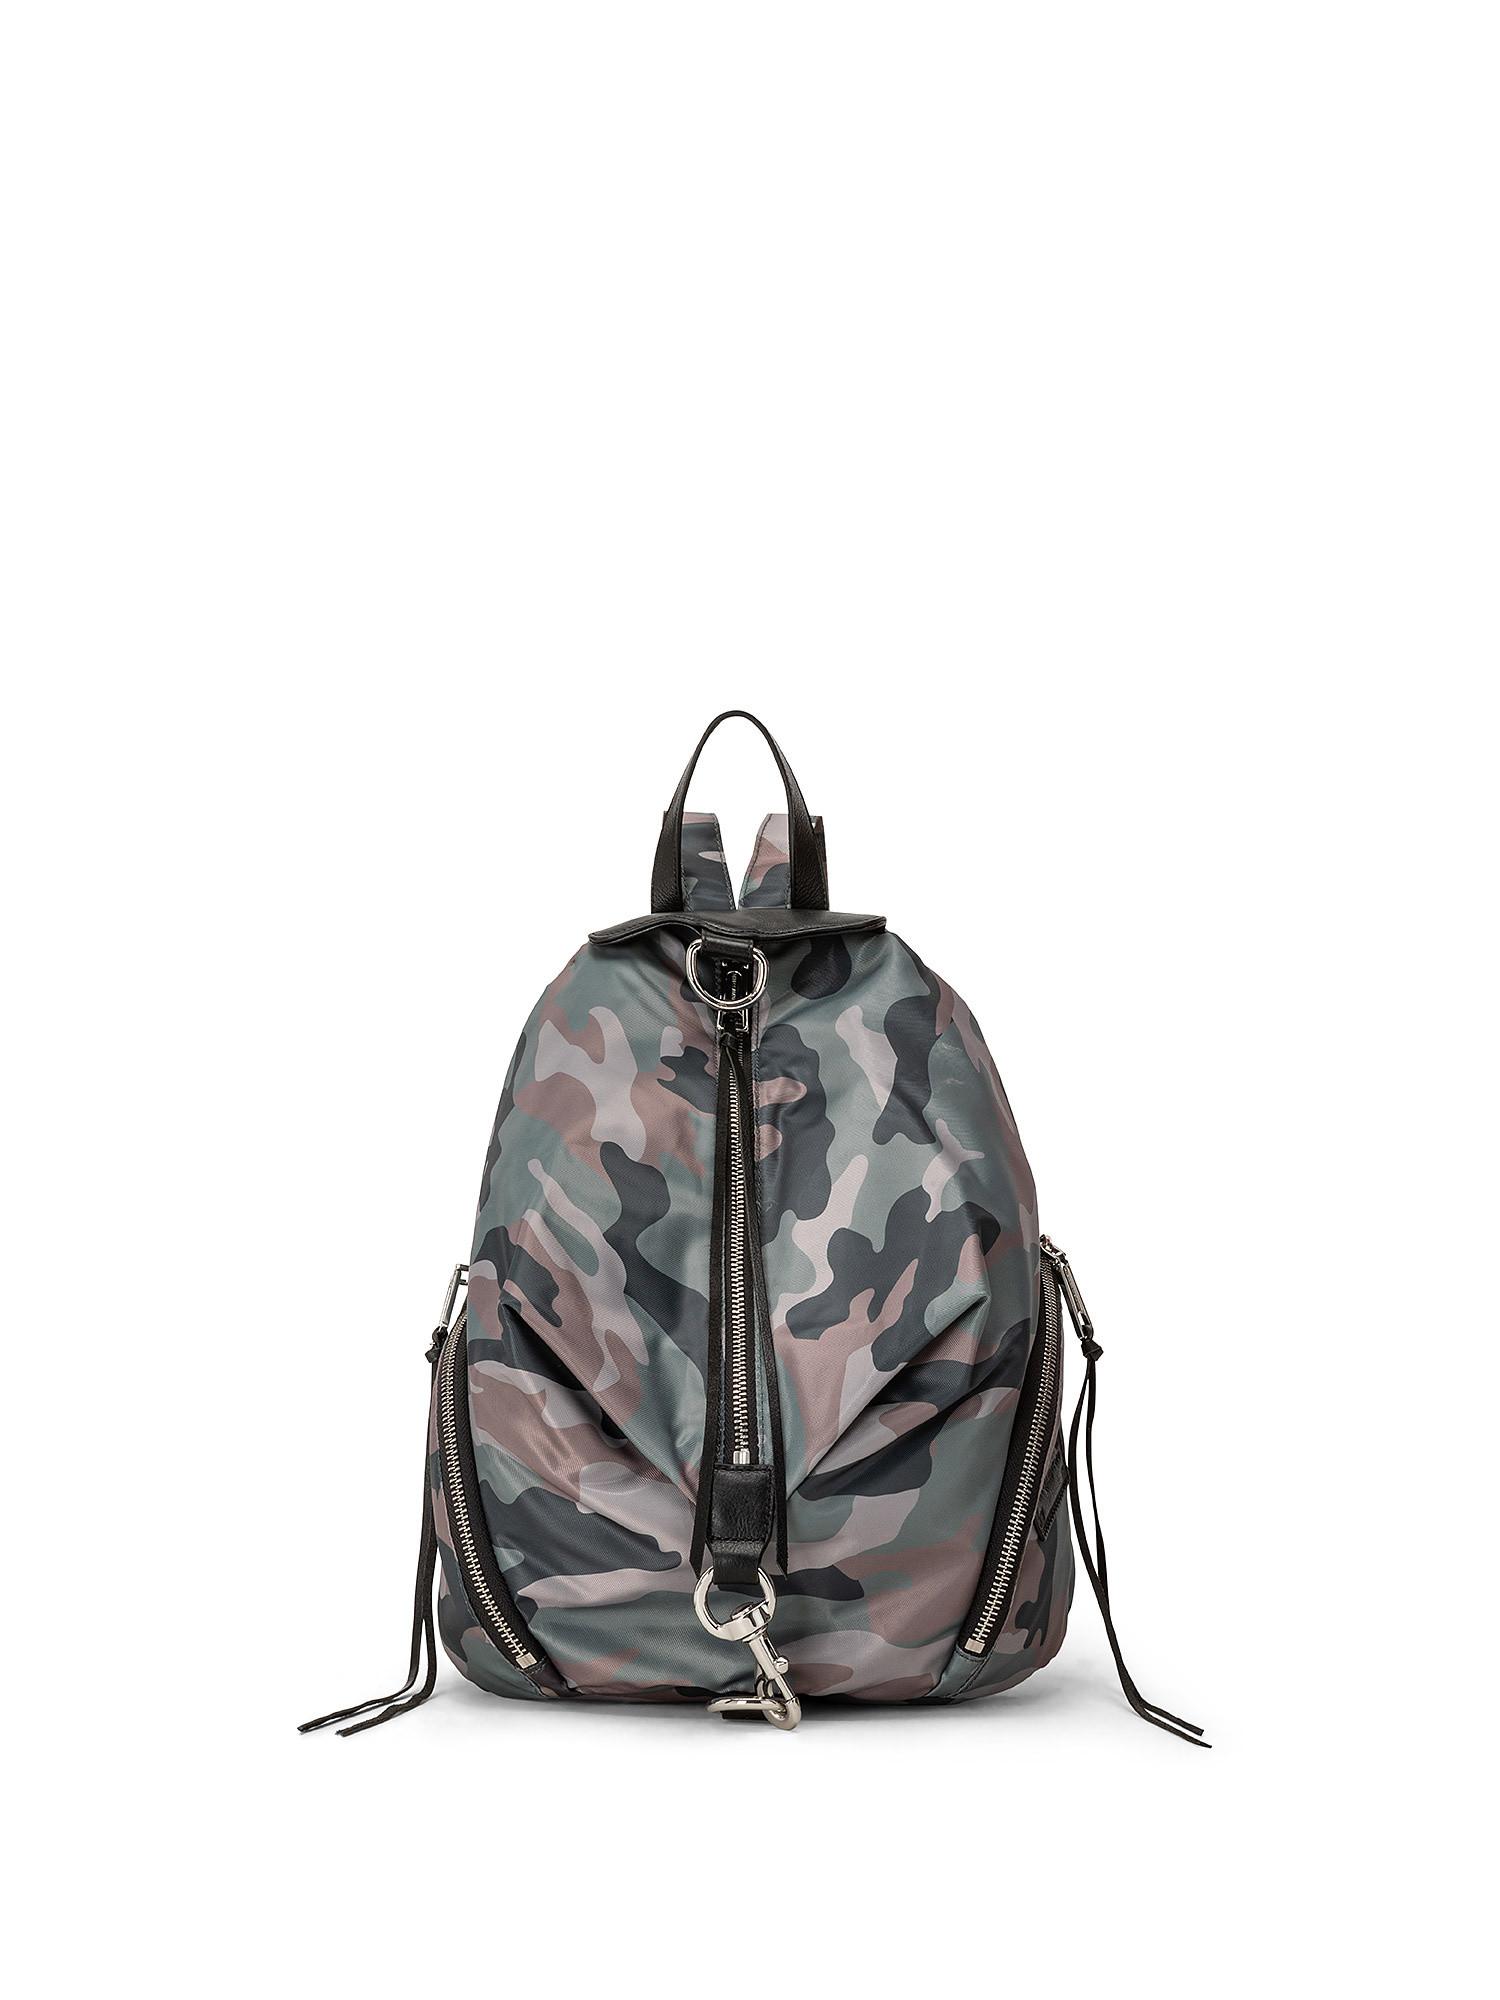 Julian Nylon Backpack, Verde, large image number 0